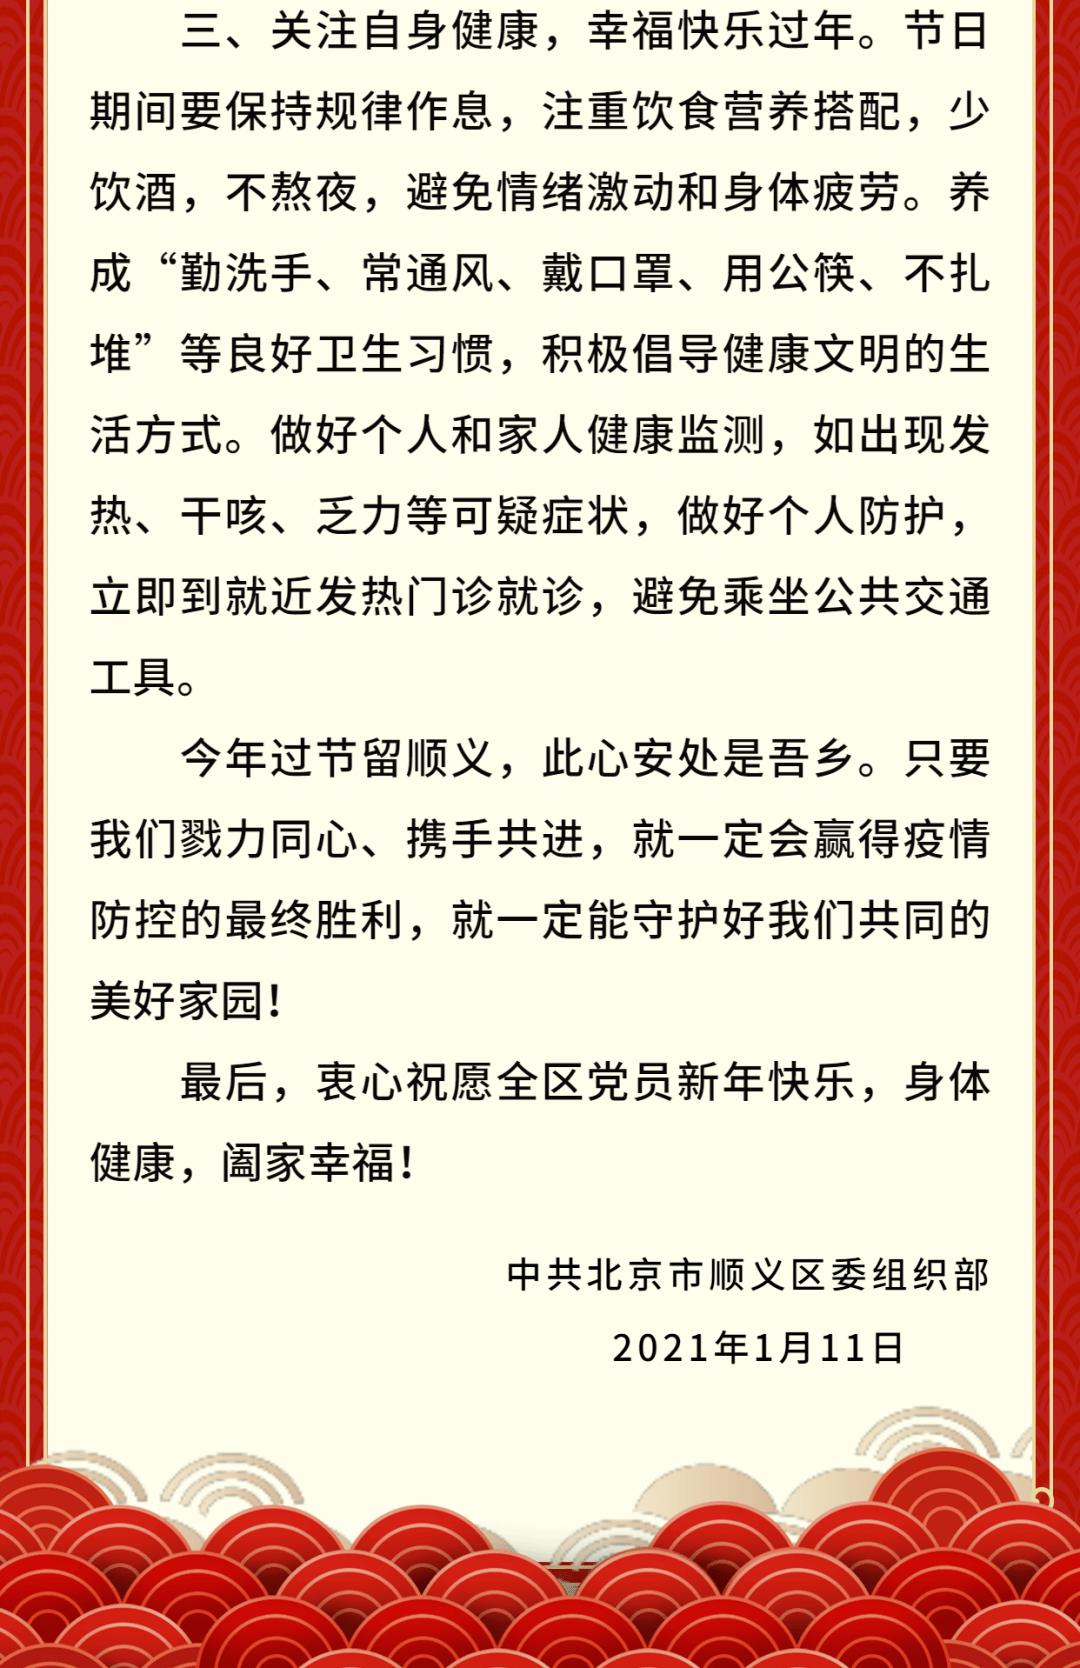 @全区党员 争当国门先锋 带头留顺(留京)过节!